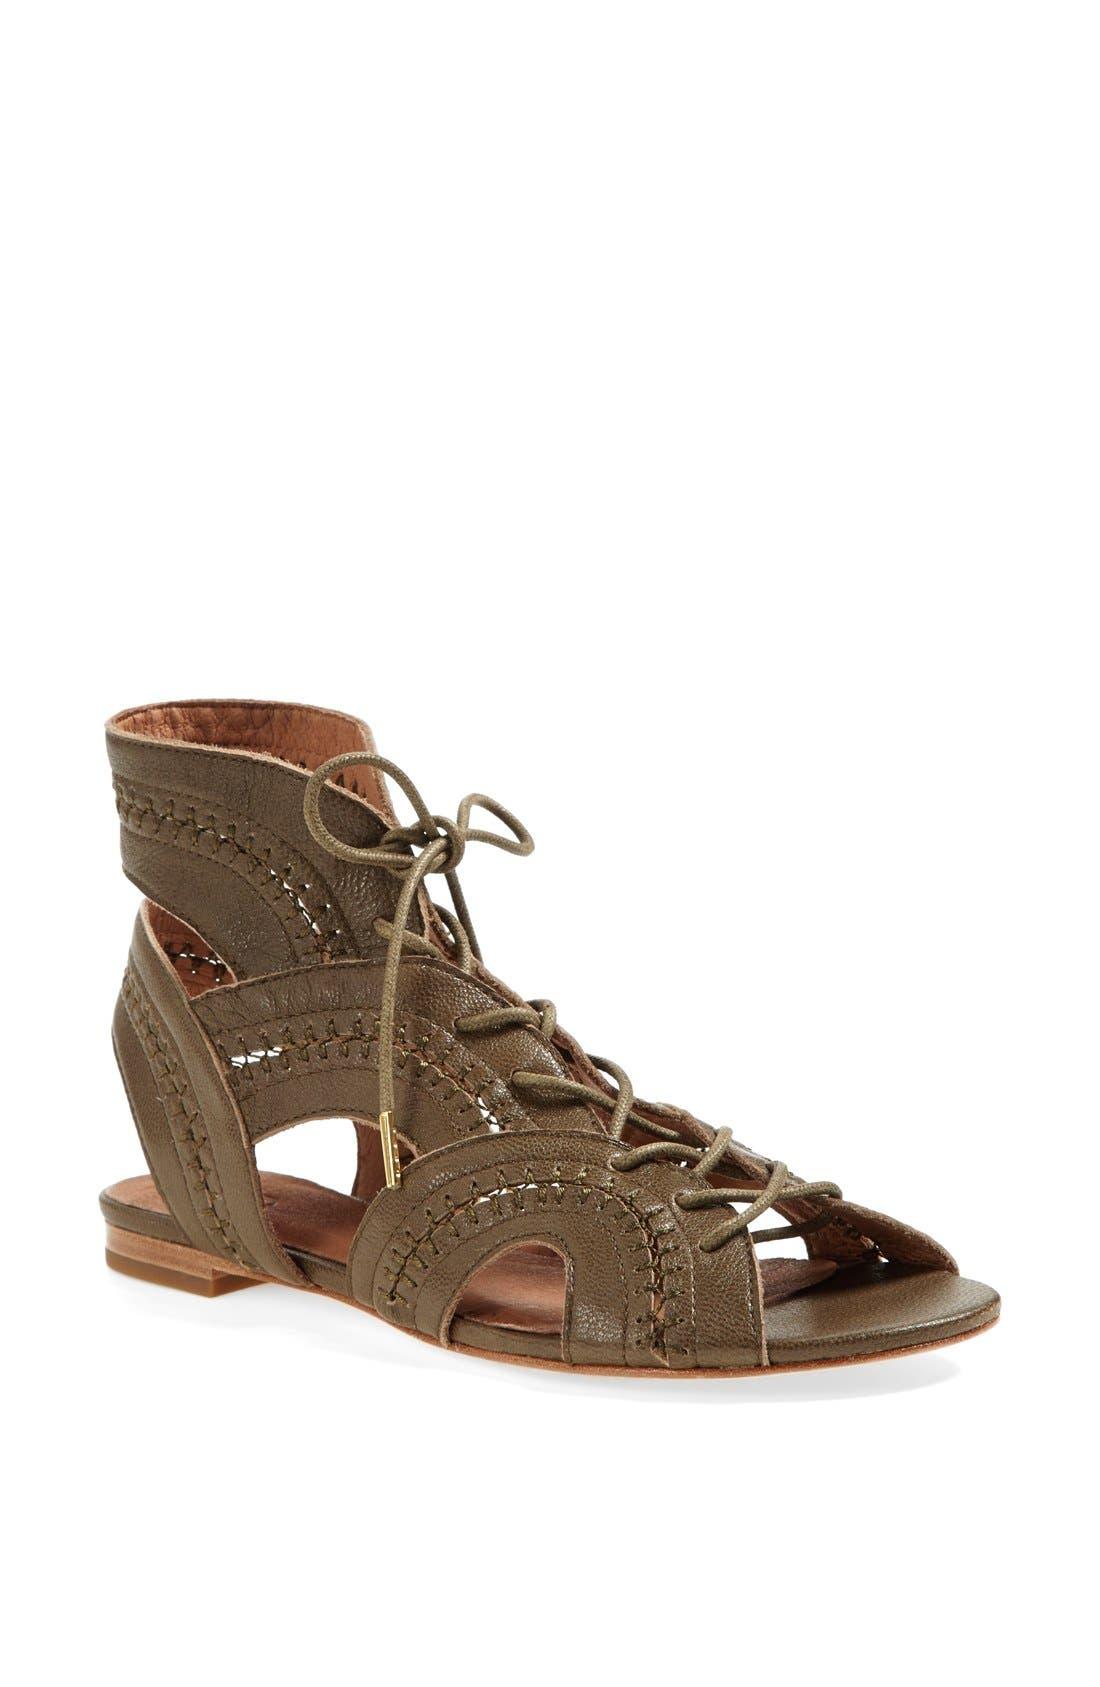 Alternate Image 1 Selected - Joie 'Toledo' Sandal